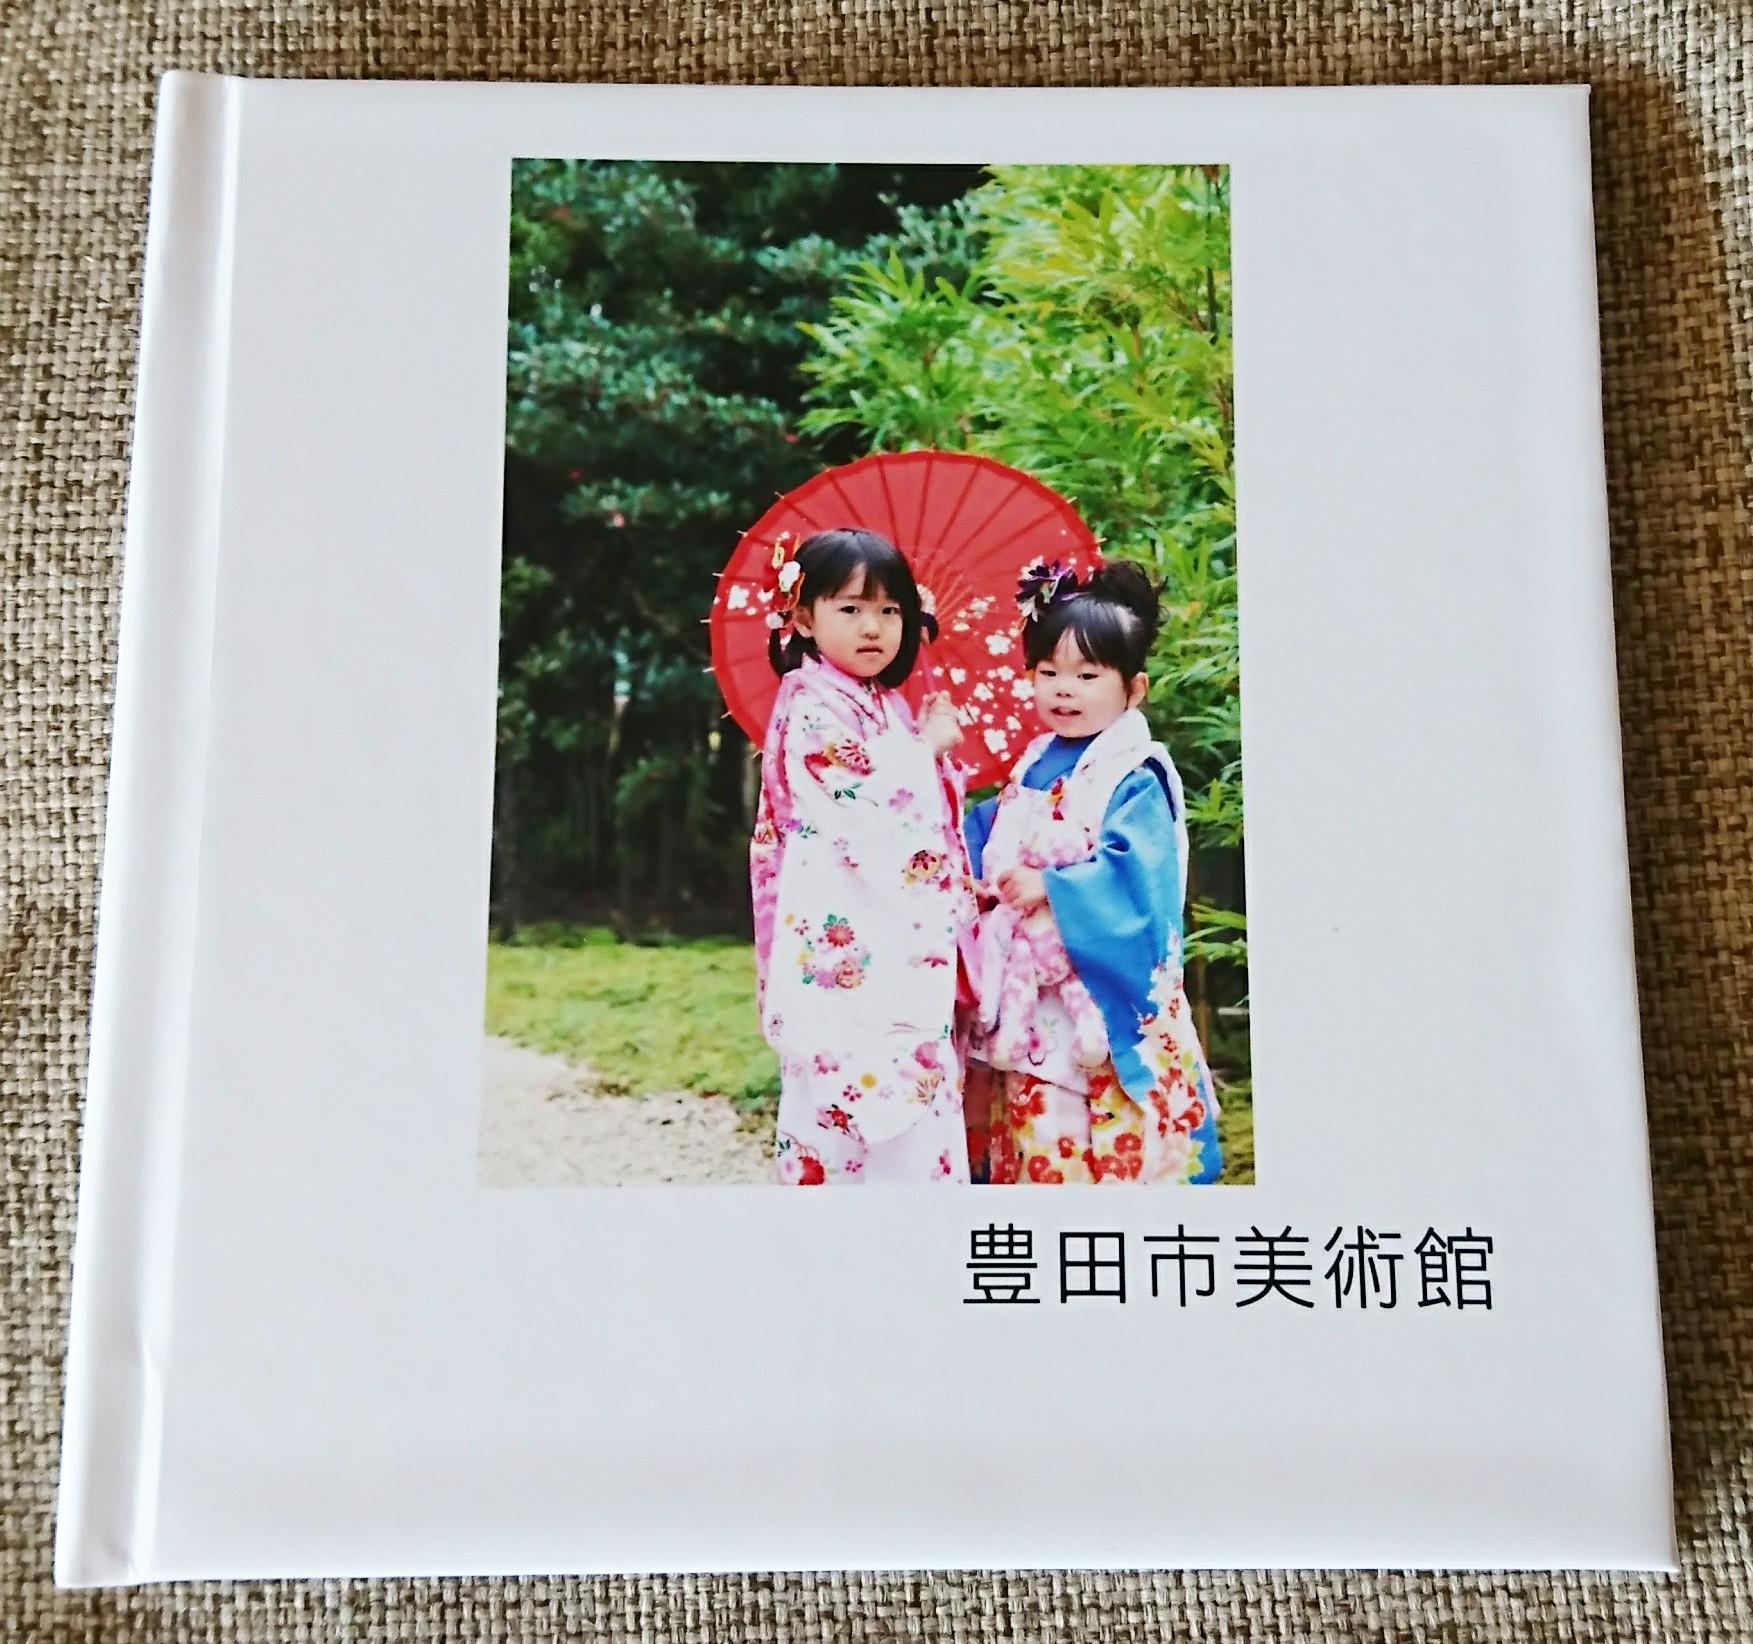 富士フイルム写真タイプのフォトブック!同じ写真で画質比較